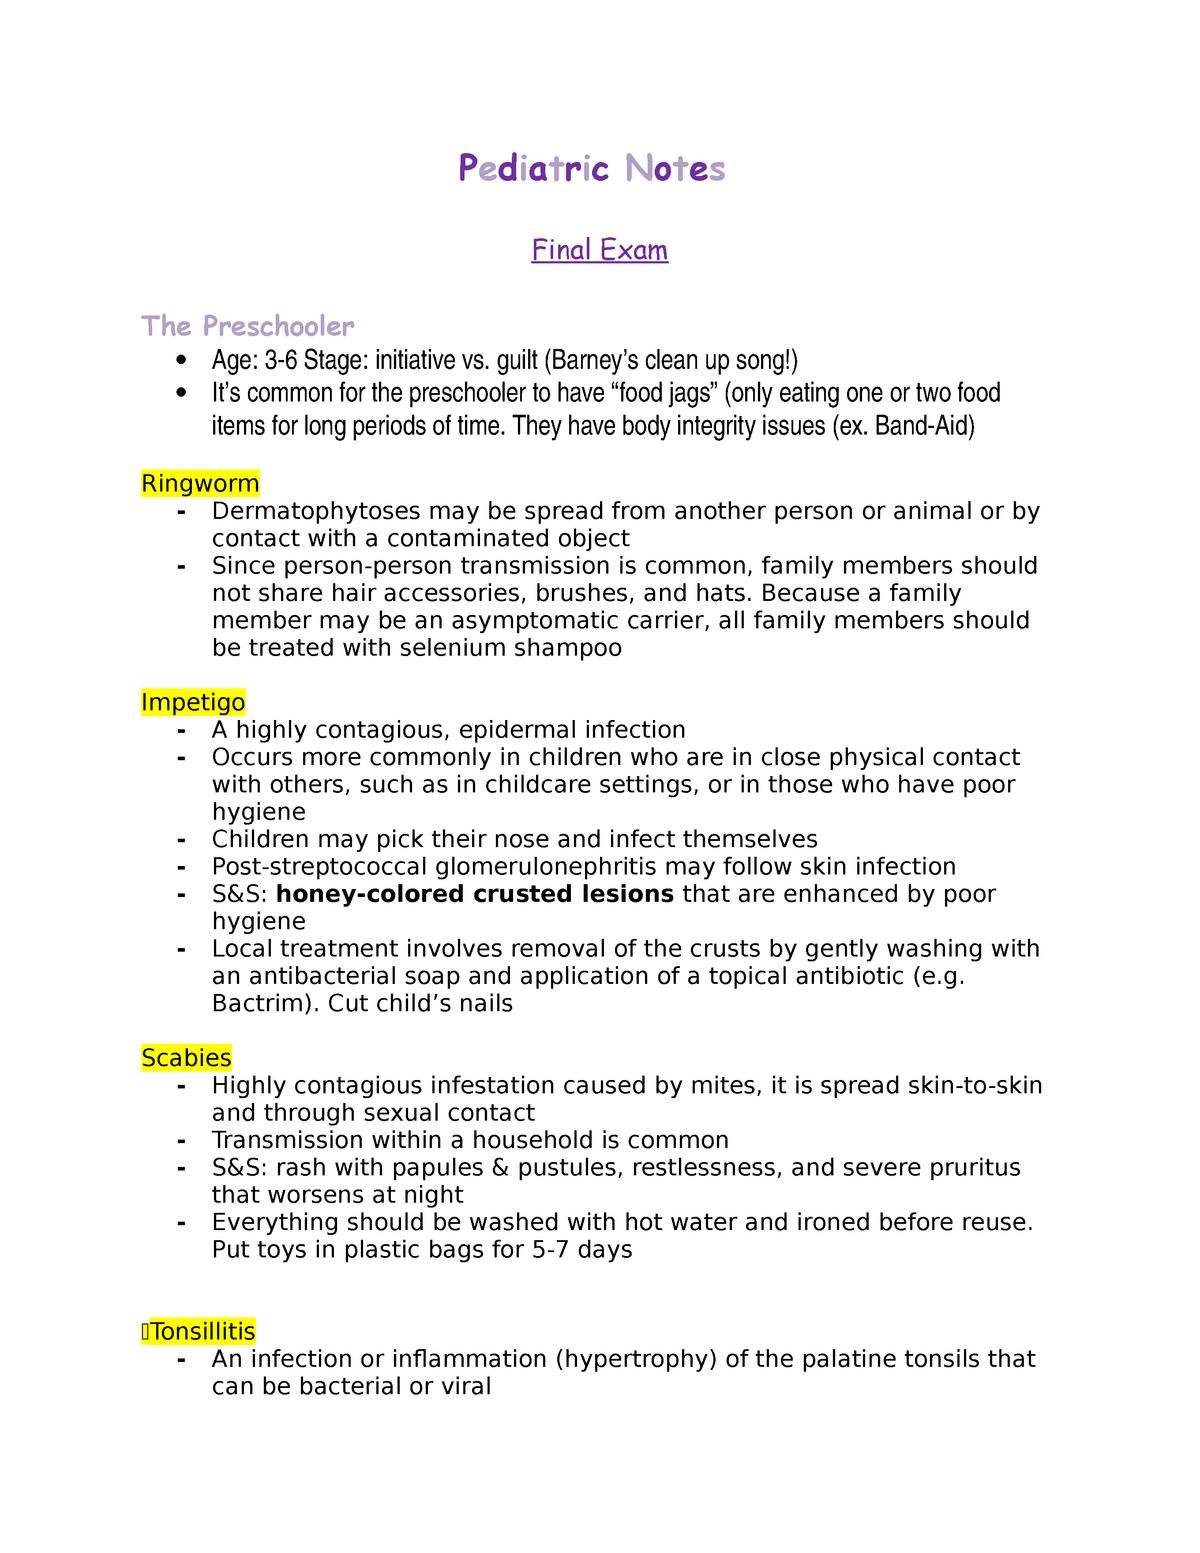 Pediatrics Notes Final Exam - NUR 4130 - NSU - StuDocu